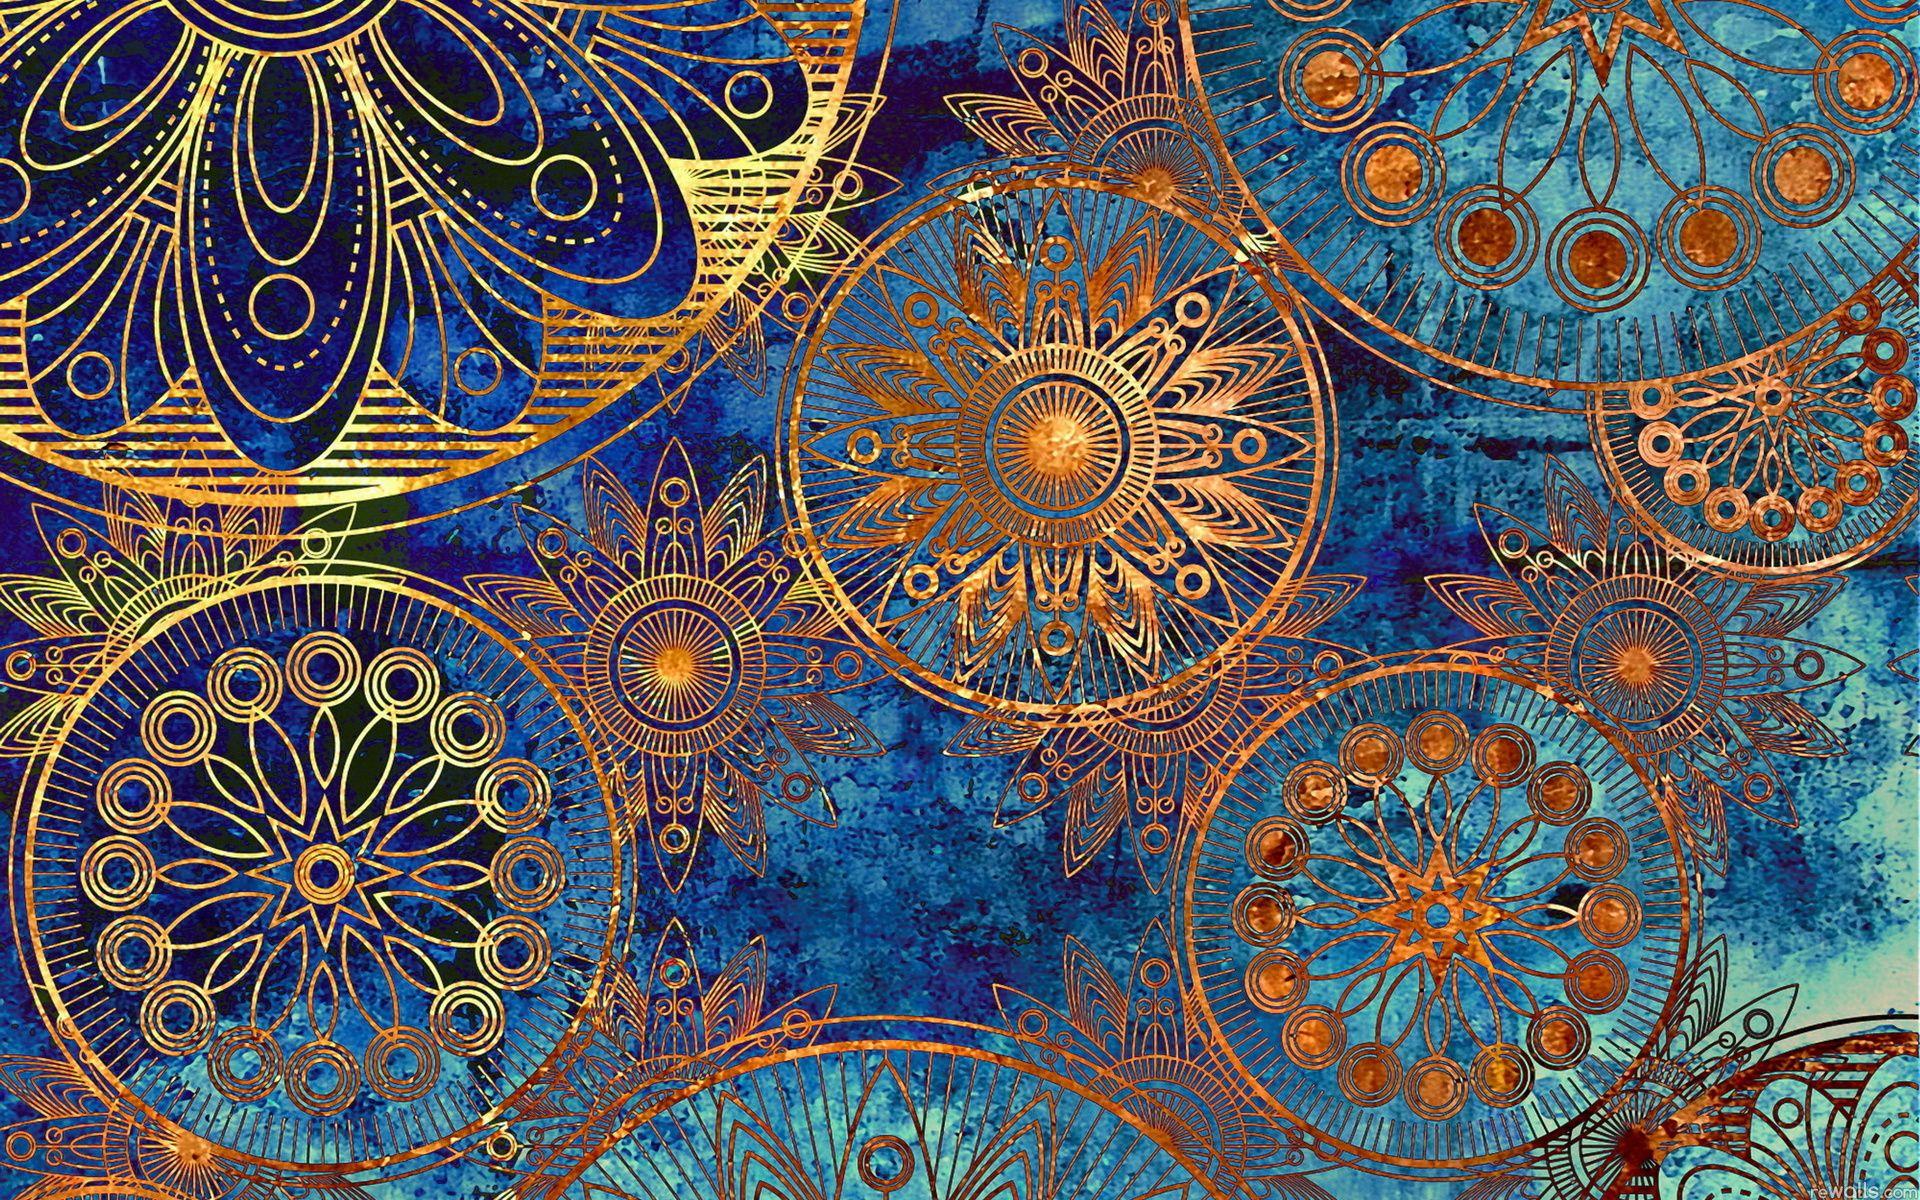 Vintage Wallpaper Download wallpaper Vintage background